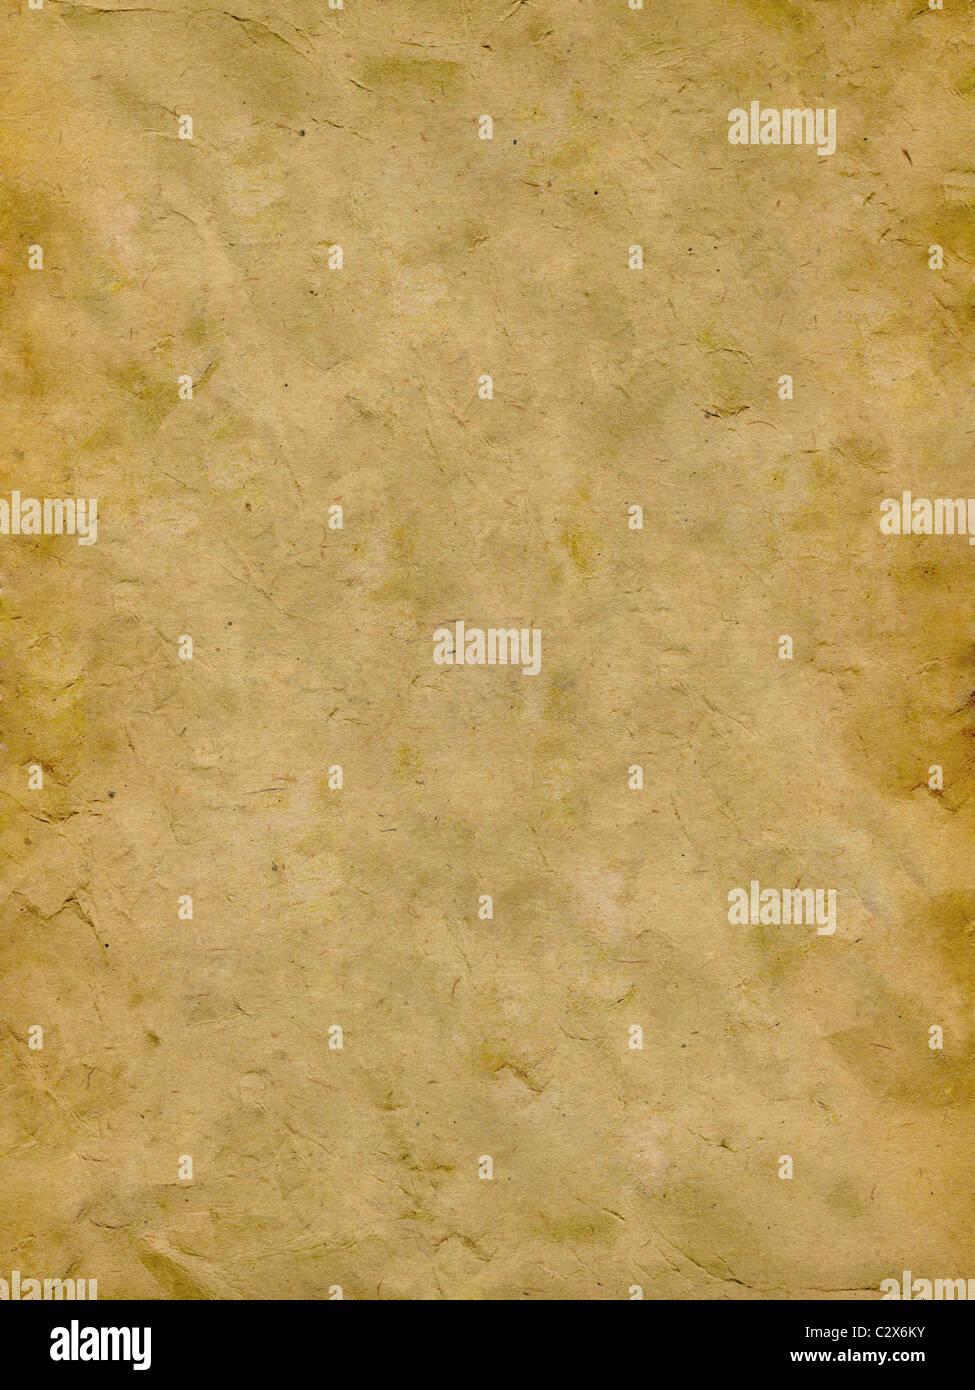 La textura de la superficie del papel sucio Imagen De Stock